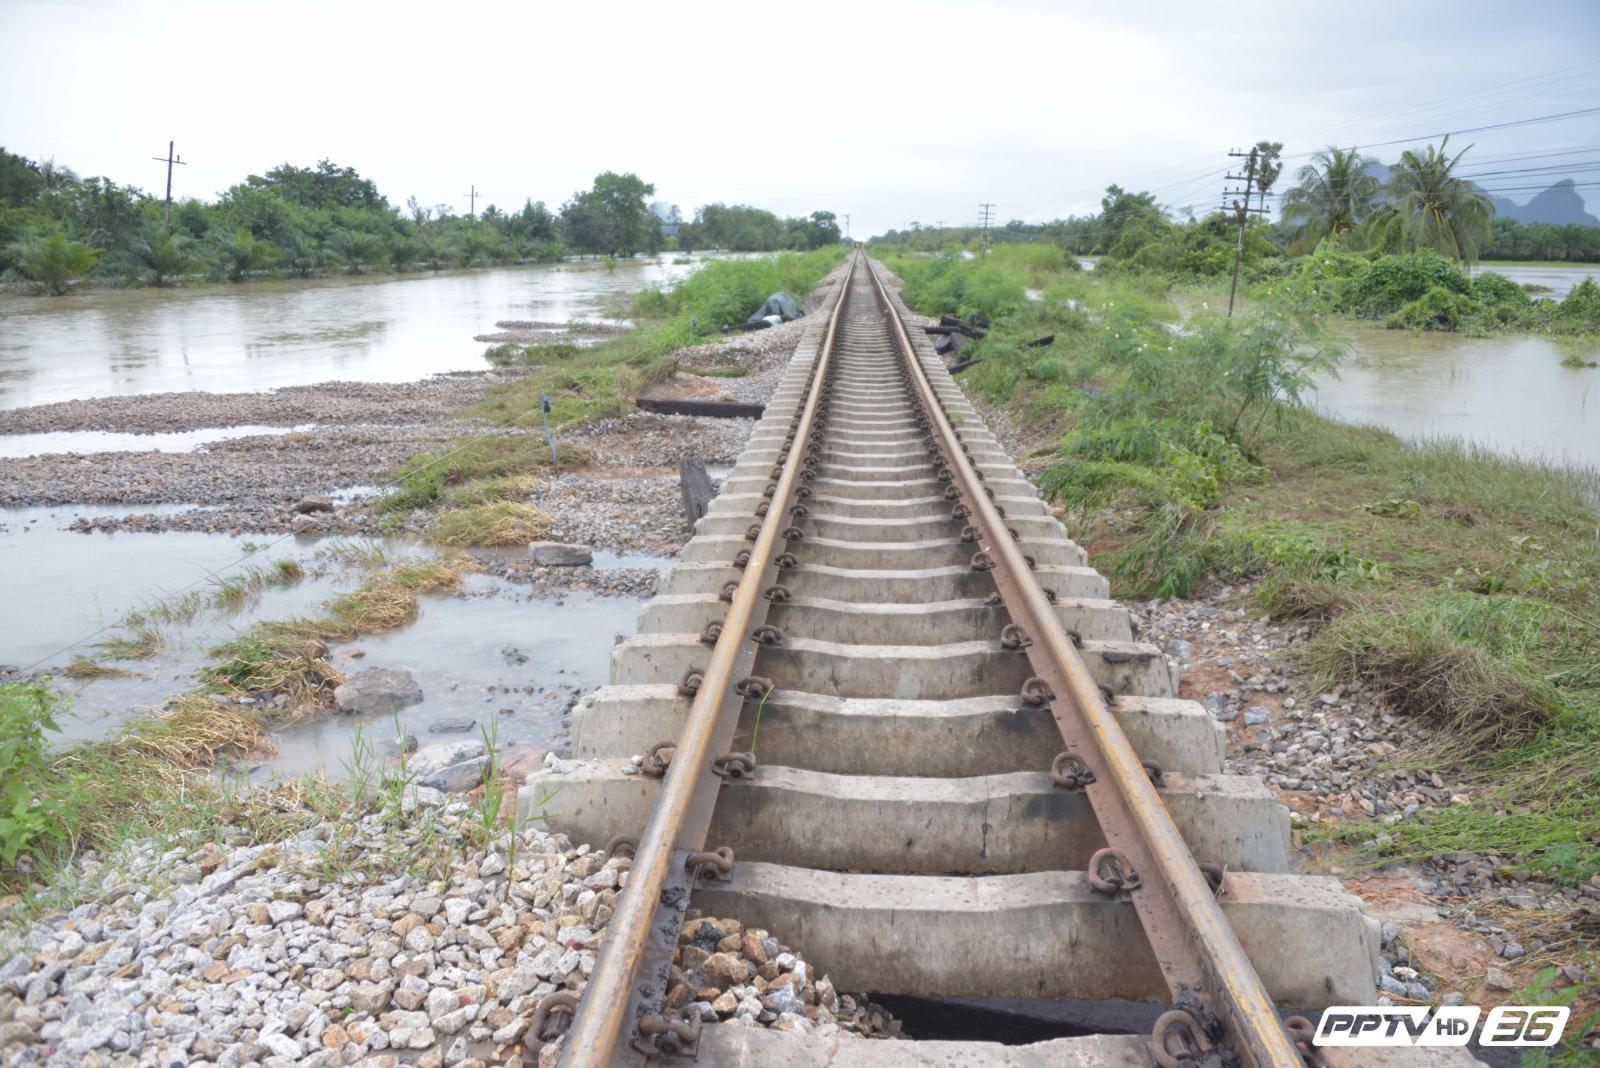 เร่งซ่อมทางรถไฟสายใต้ หลังถูกกระแสน้ำกัดเซาะ 16จุด